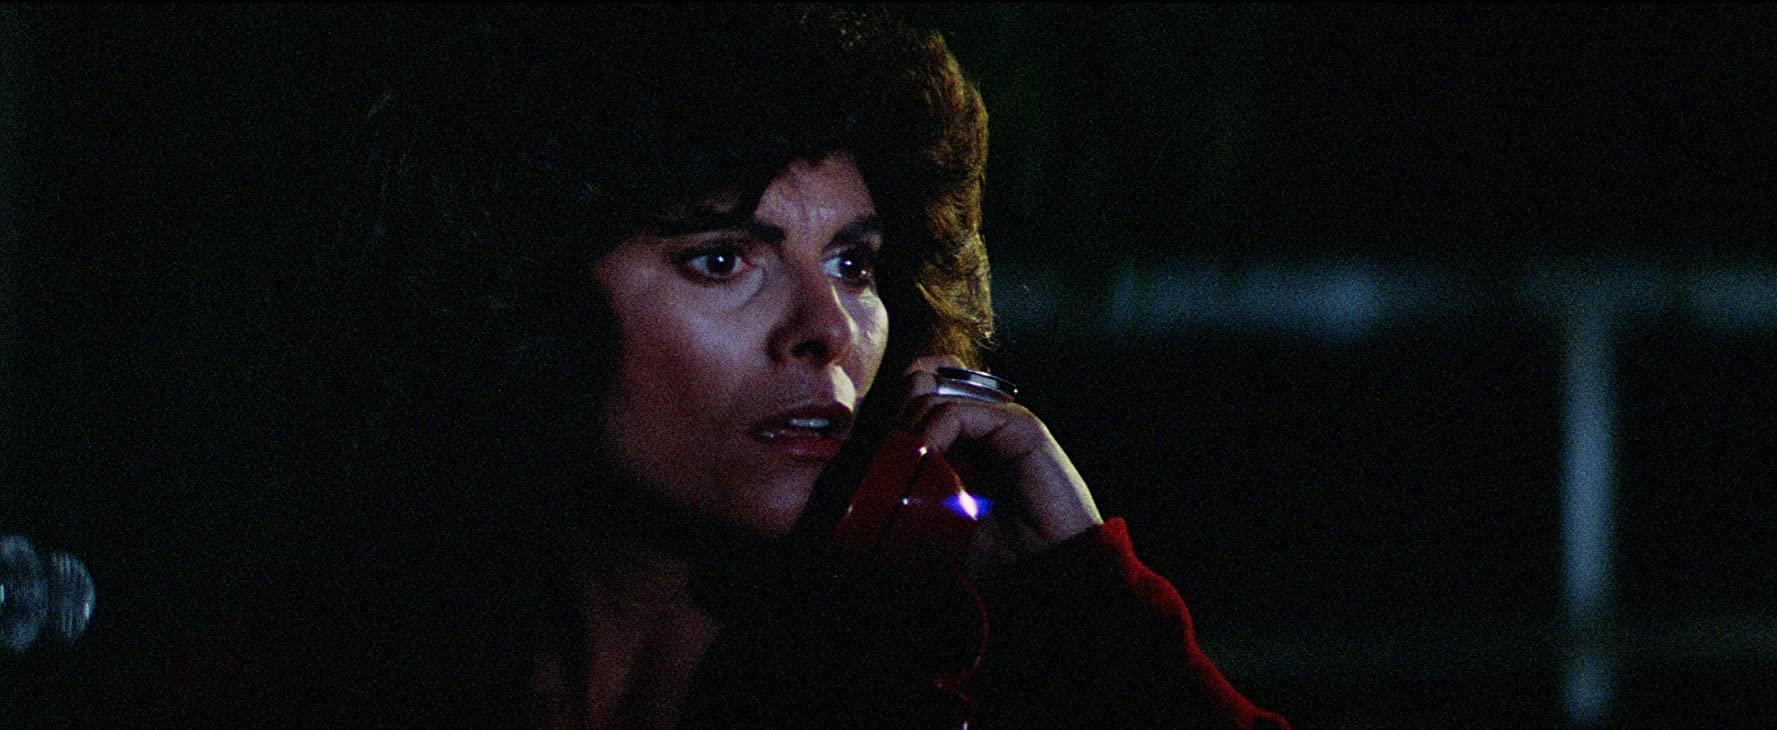 Adrienne Barbeau in John Carpenter's The Fog.